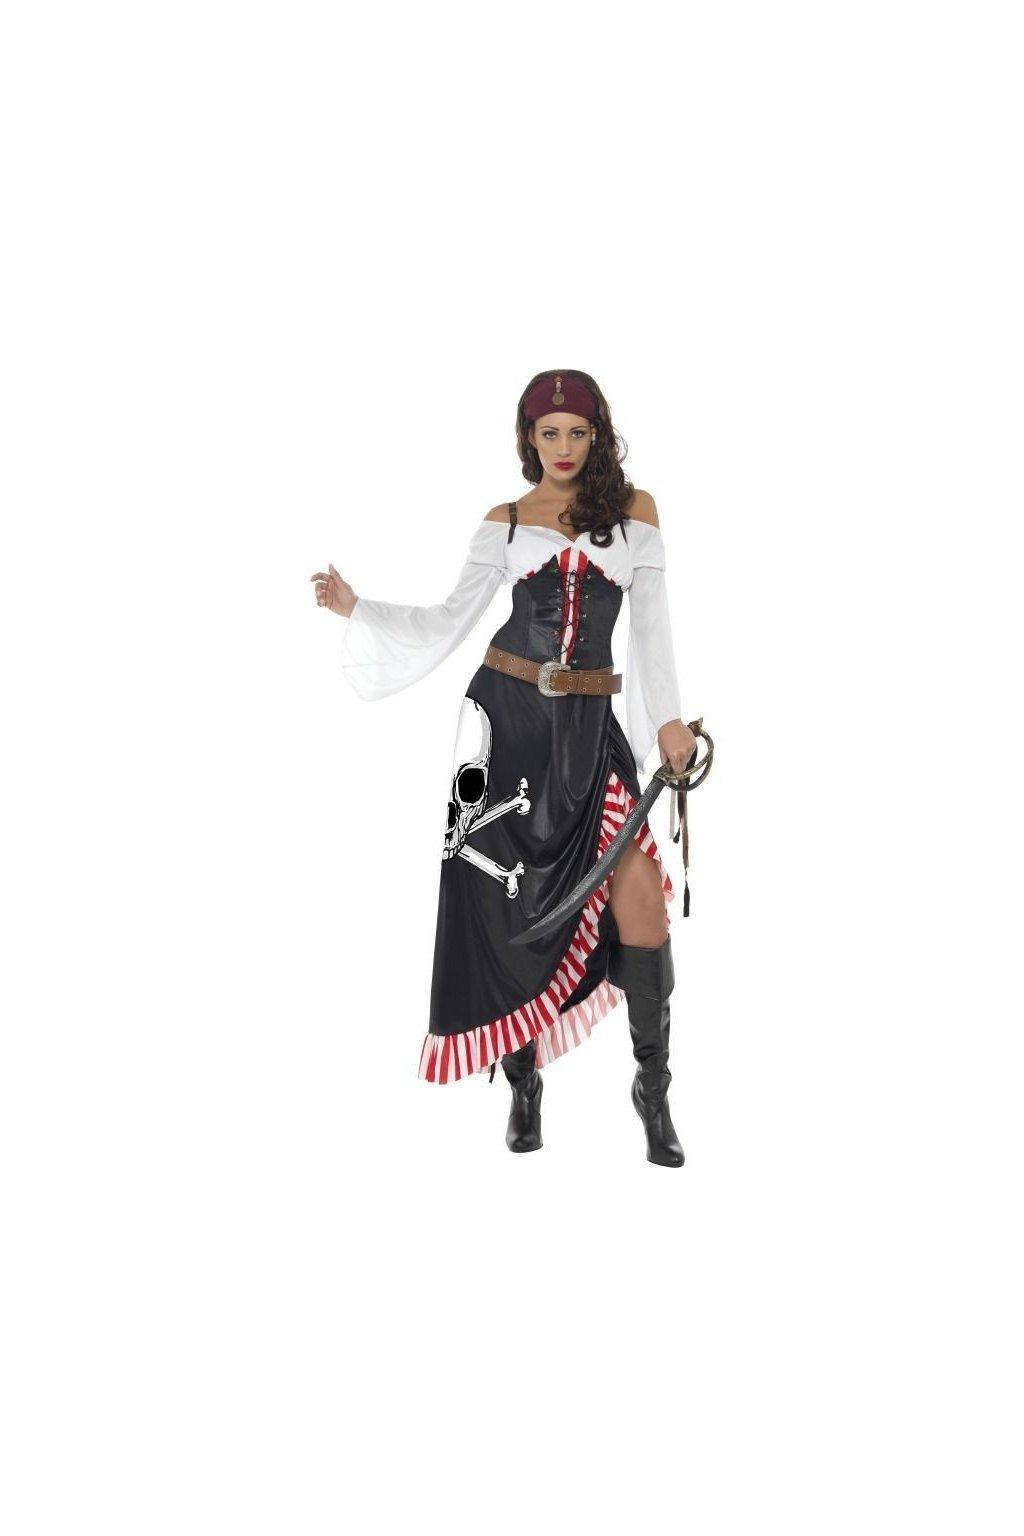 Kostým pirátky s dlouhou sukní